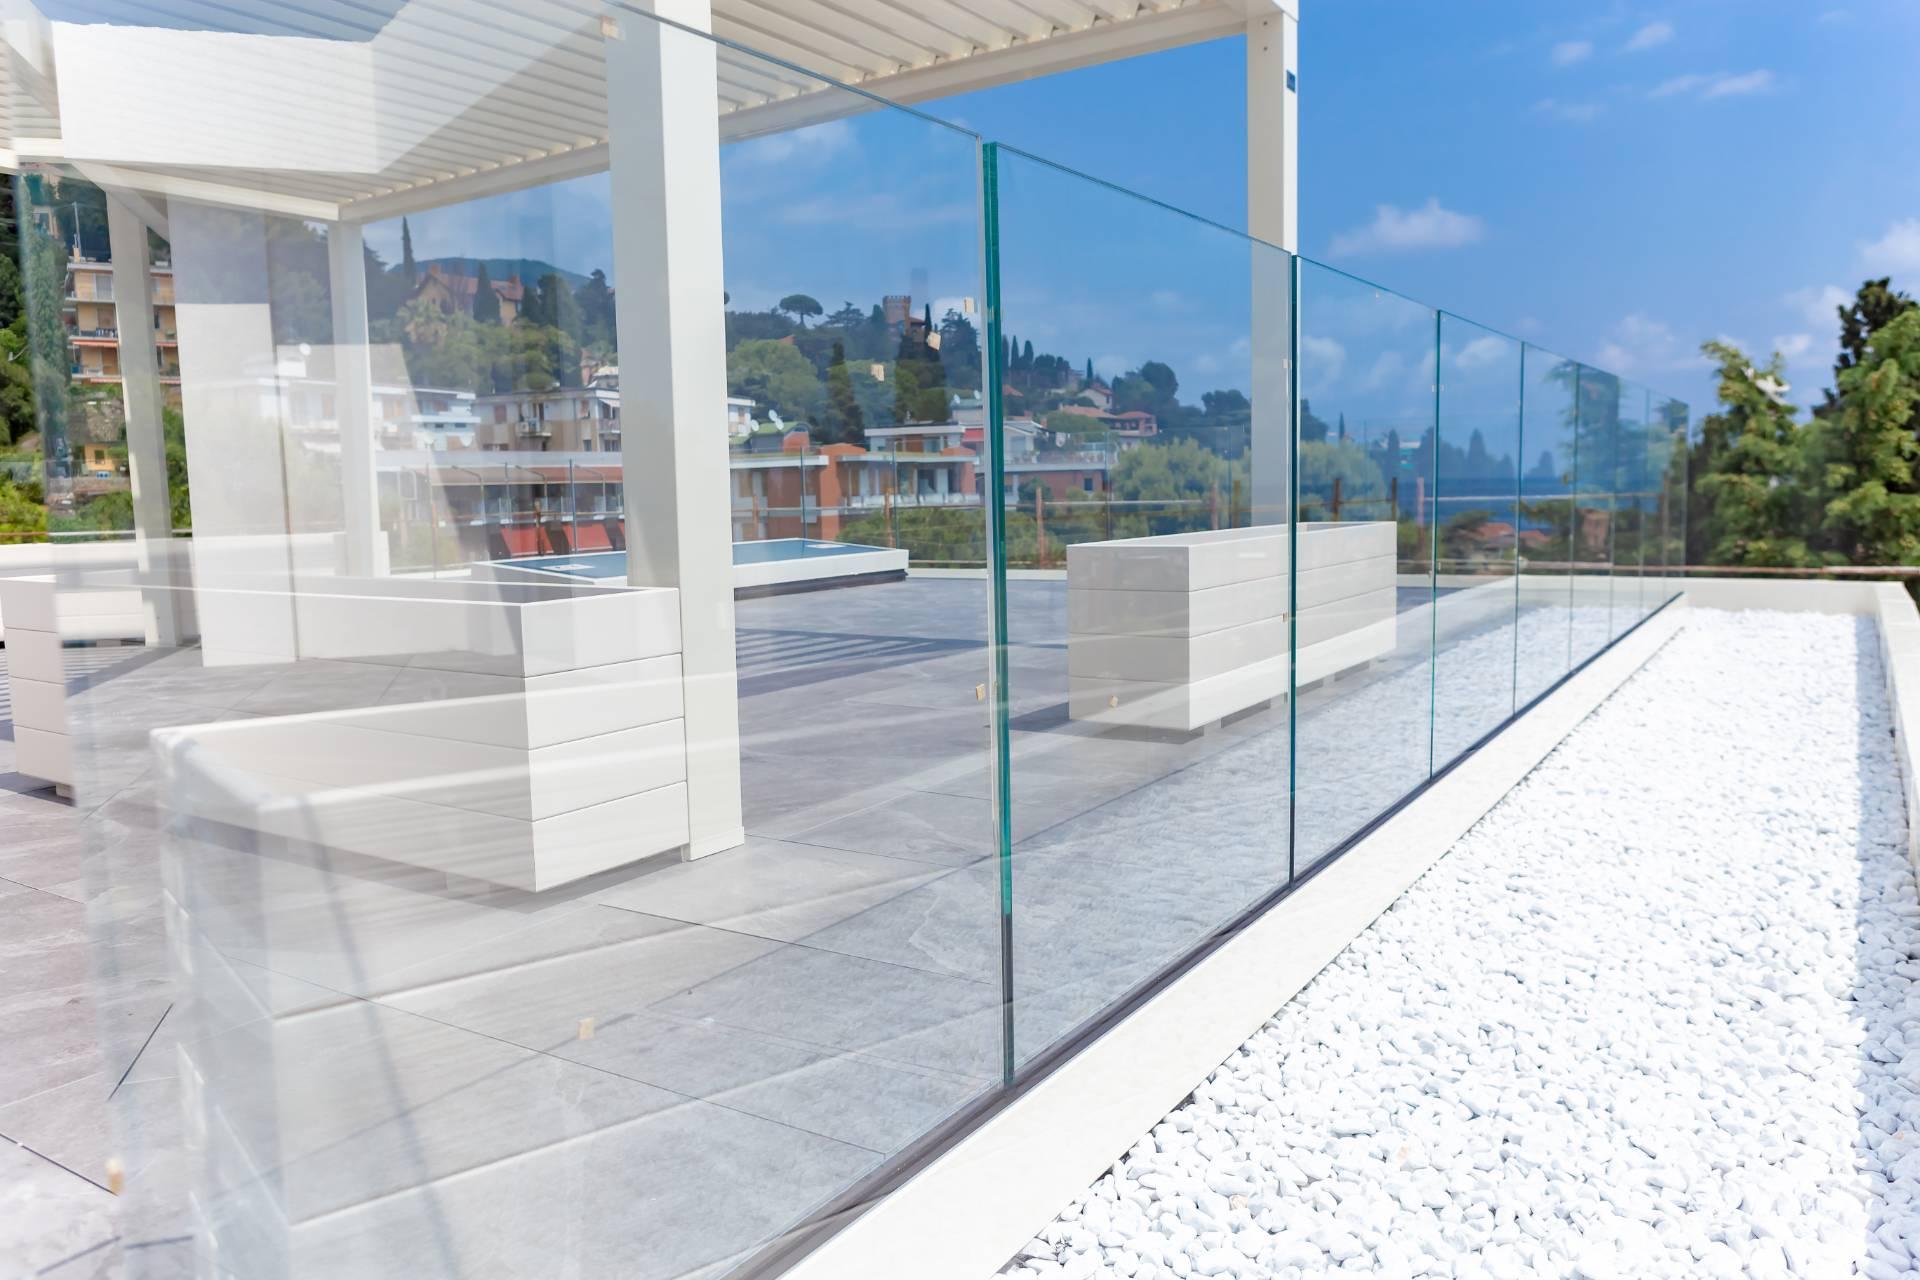 Attico / Mansarda in vendita a Alassio, 4 locali, zona Località: RegioneSanRocco, prezzo € 1.087.000 | PortaleAgenzieImmobiliari.it